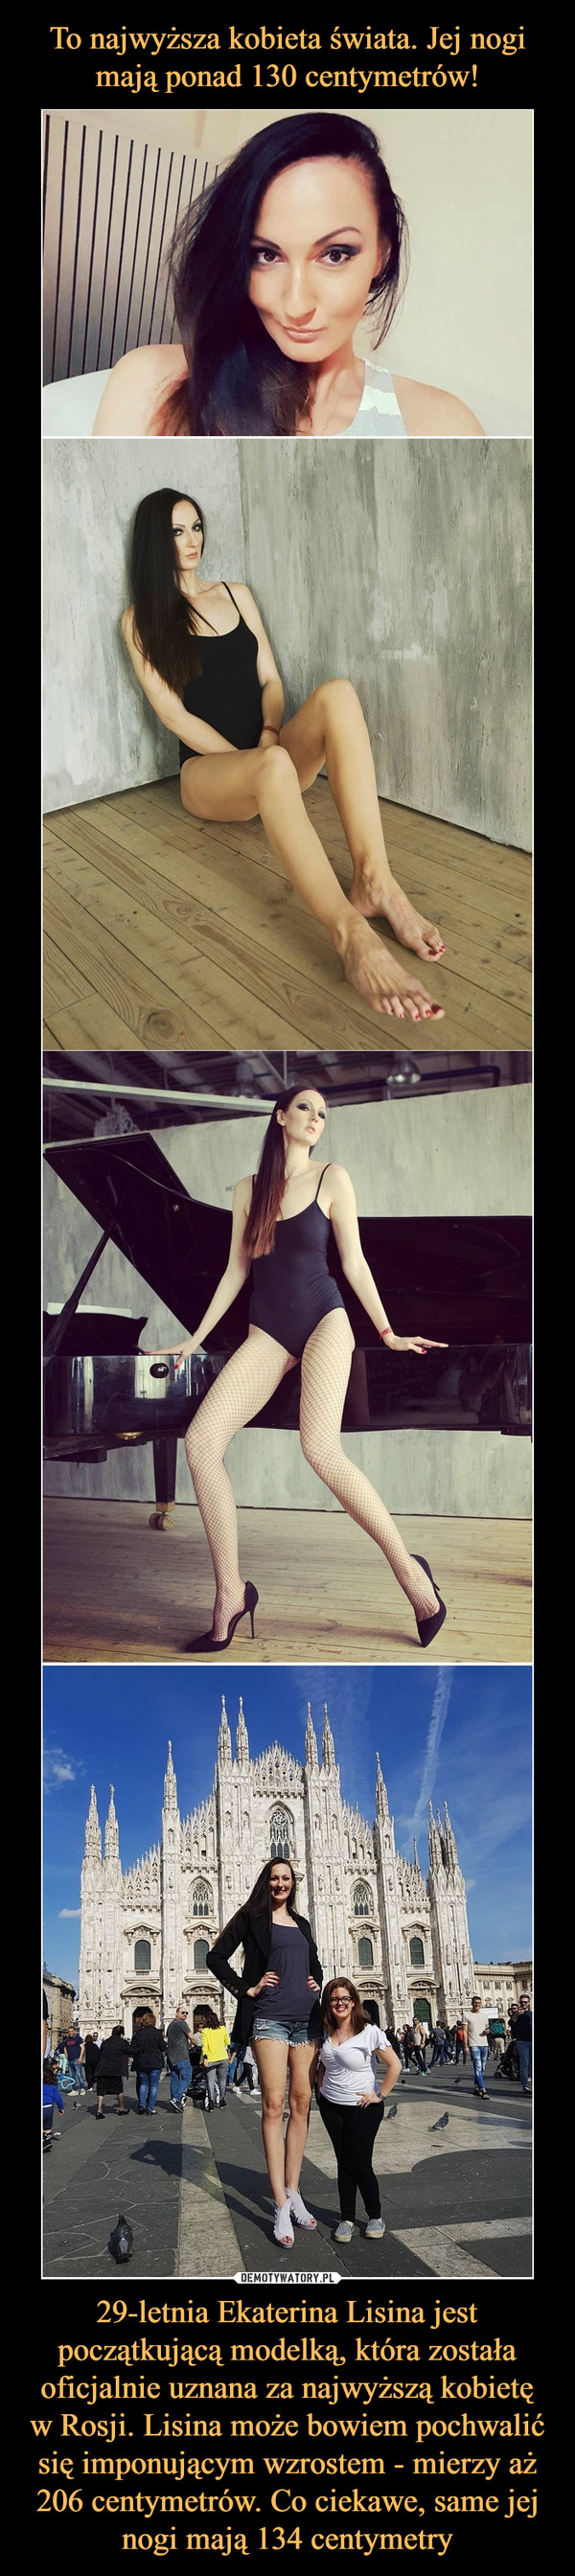 29-letnia Ekaterina Lisina jest początkującą modelką, która została oficjalnie uznana za najwyższą kobietę w Rosji. Lisina może bowiem pochwalić się imponującym wzrostem - mierzy aż 206 centymetrów. Co ciekawe, same jej nogi mają 134 centymetry –